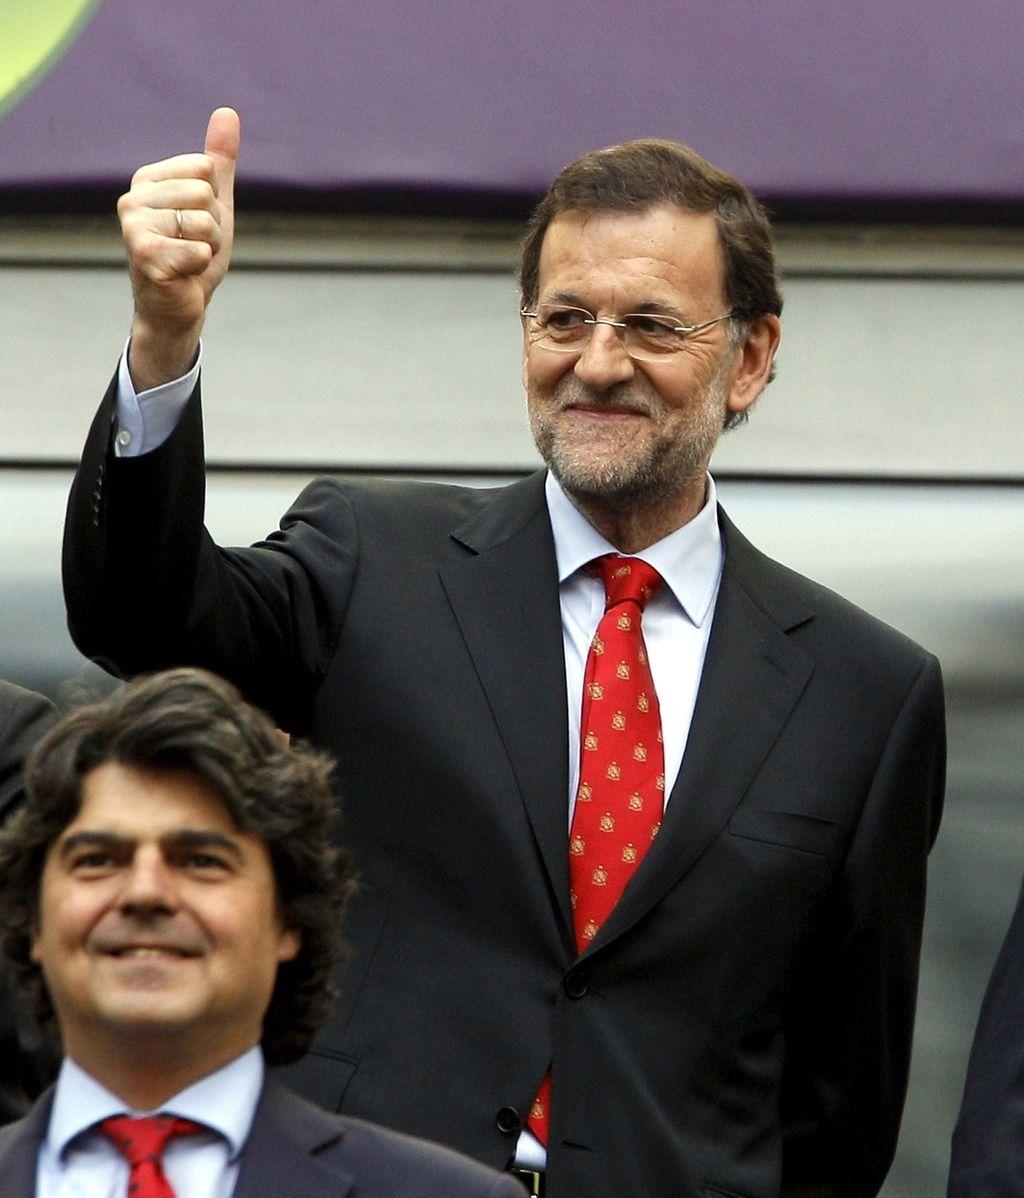 El presidente del Gobierno, apoyando a La Roja